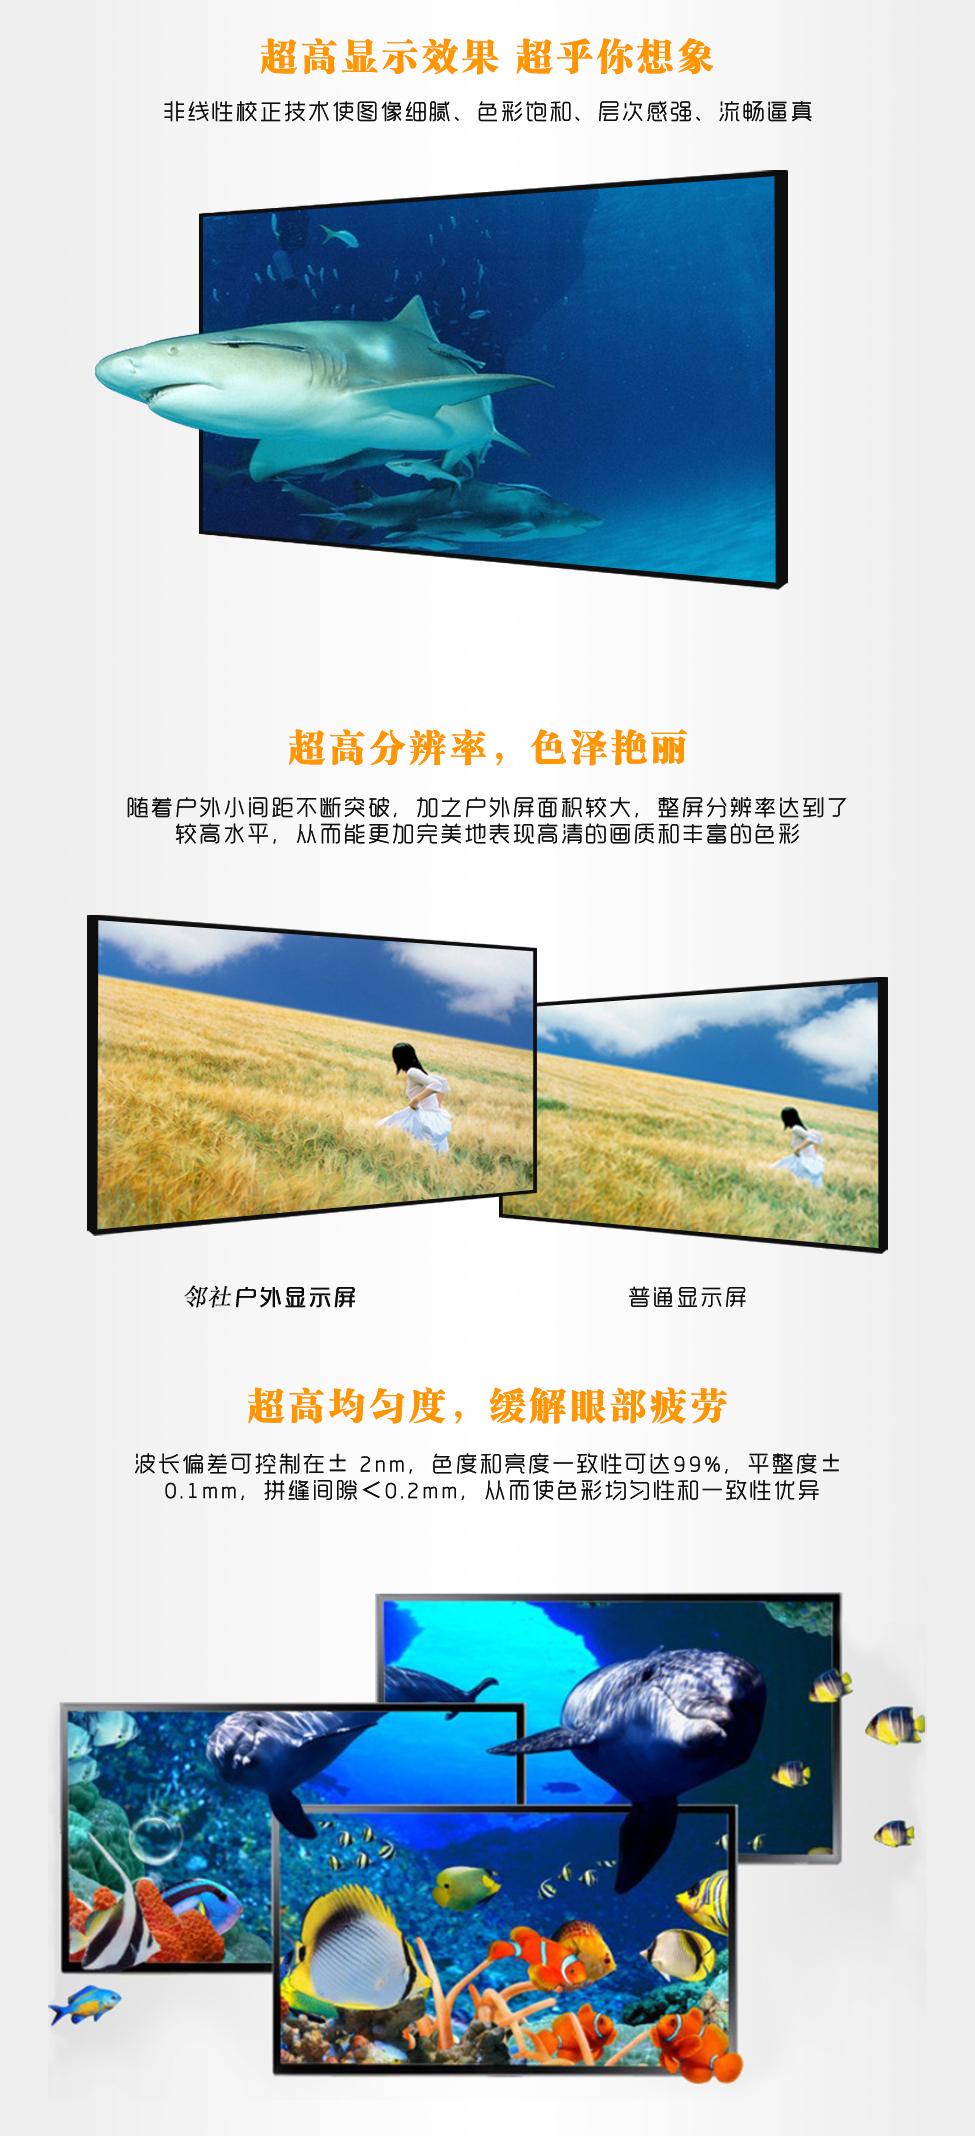 山东LED屏幕厂家及济南LED电子屏的优势及挑战